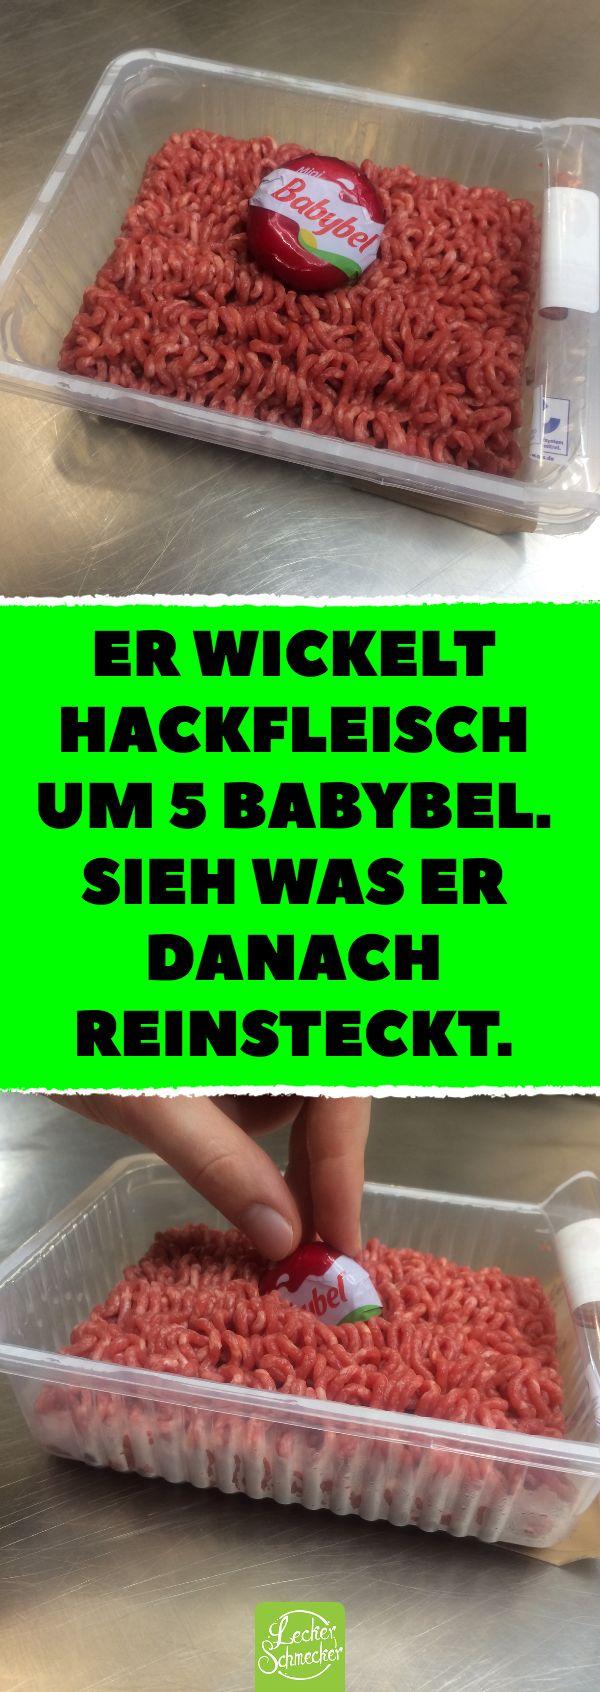 Er wickelt Hackfleisch um 5 Babybel. Sieh was er danach reinsteckt. #rezept #leckerschmecker #blumenkohl #hackfleisch #babybel #kochen #essen #kohl #insel #mittagessen #abendessen #braten